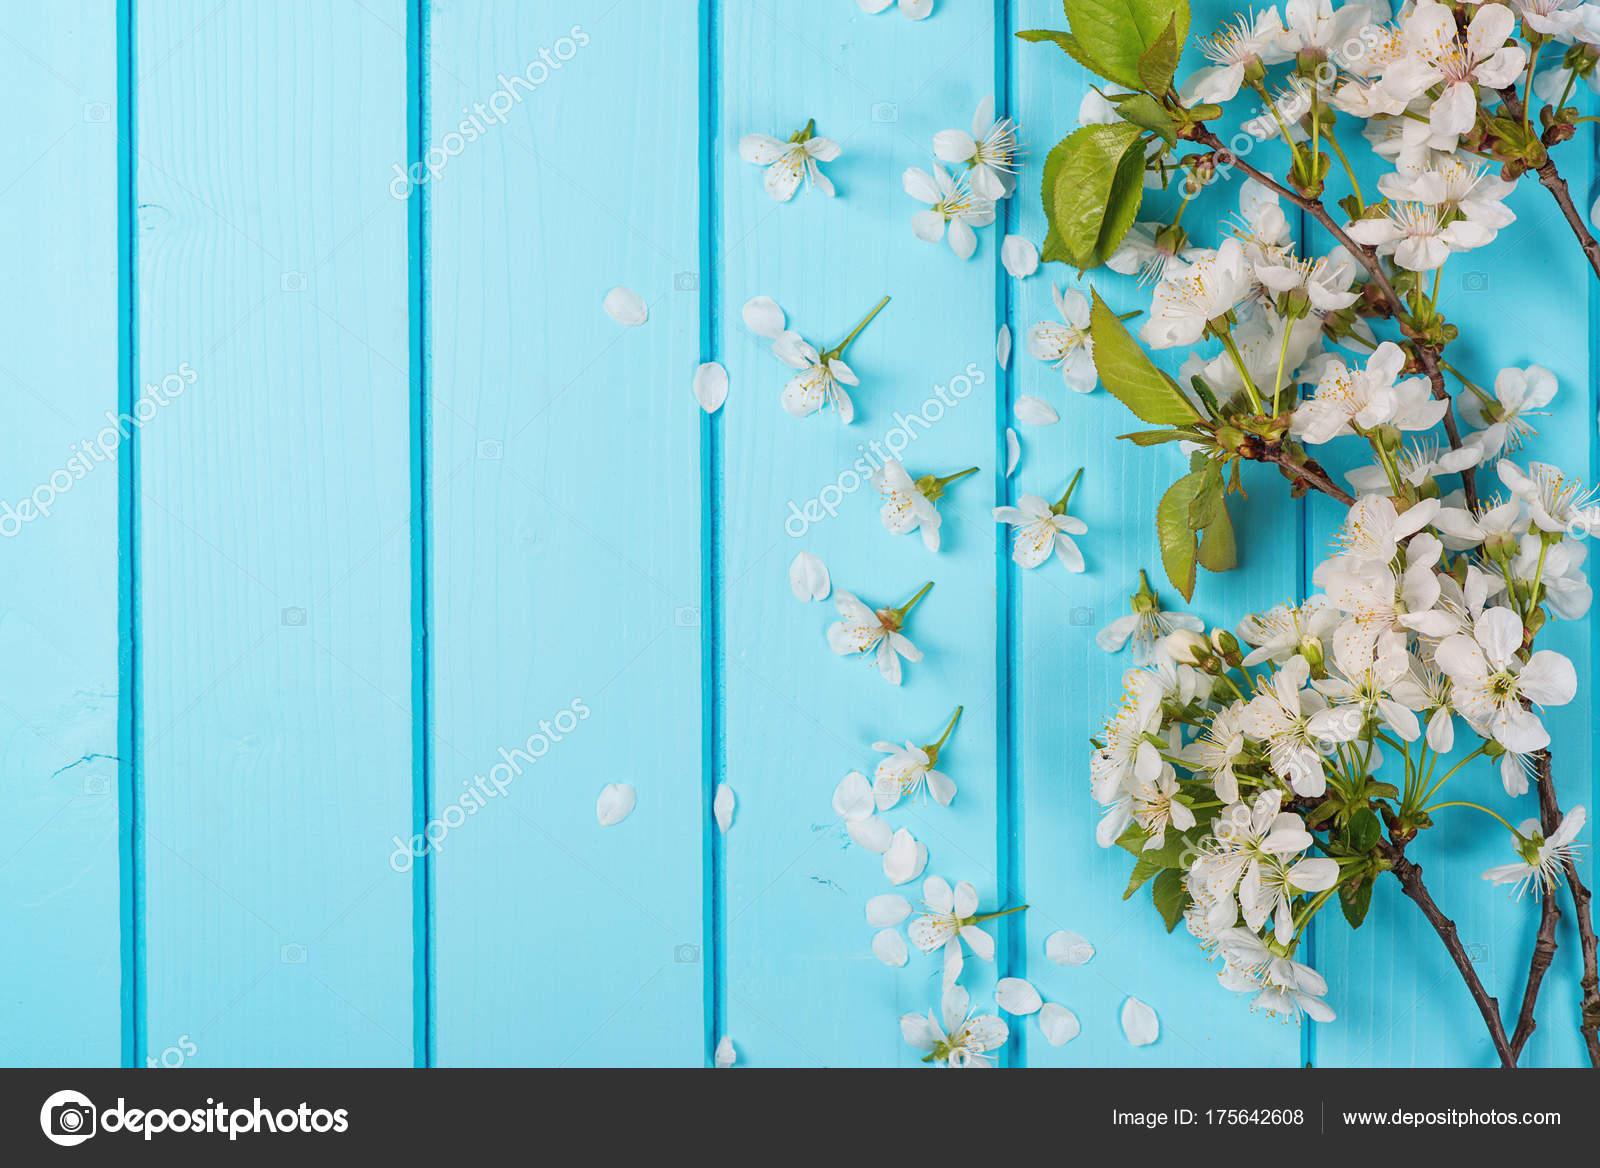 Fondo De Madera Vintage Con Flores Blancas Manzana Y: Flores Flores Blancas Sobre Fondos De Madera Azul